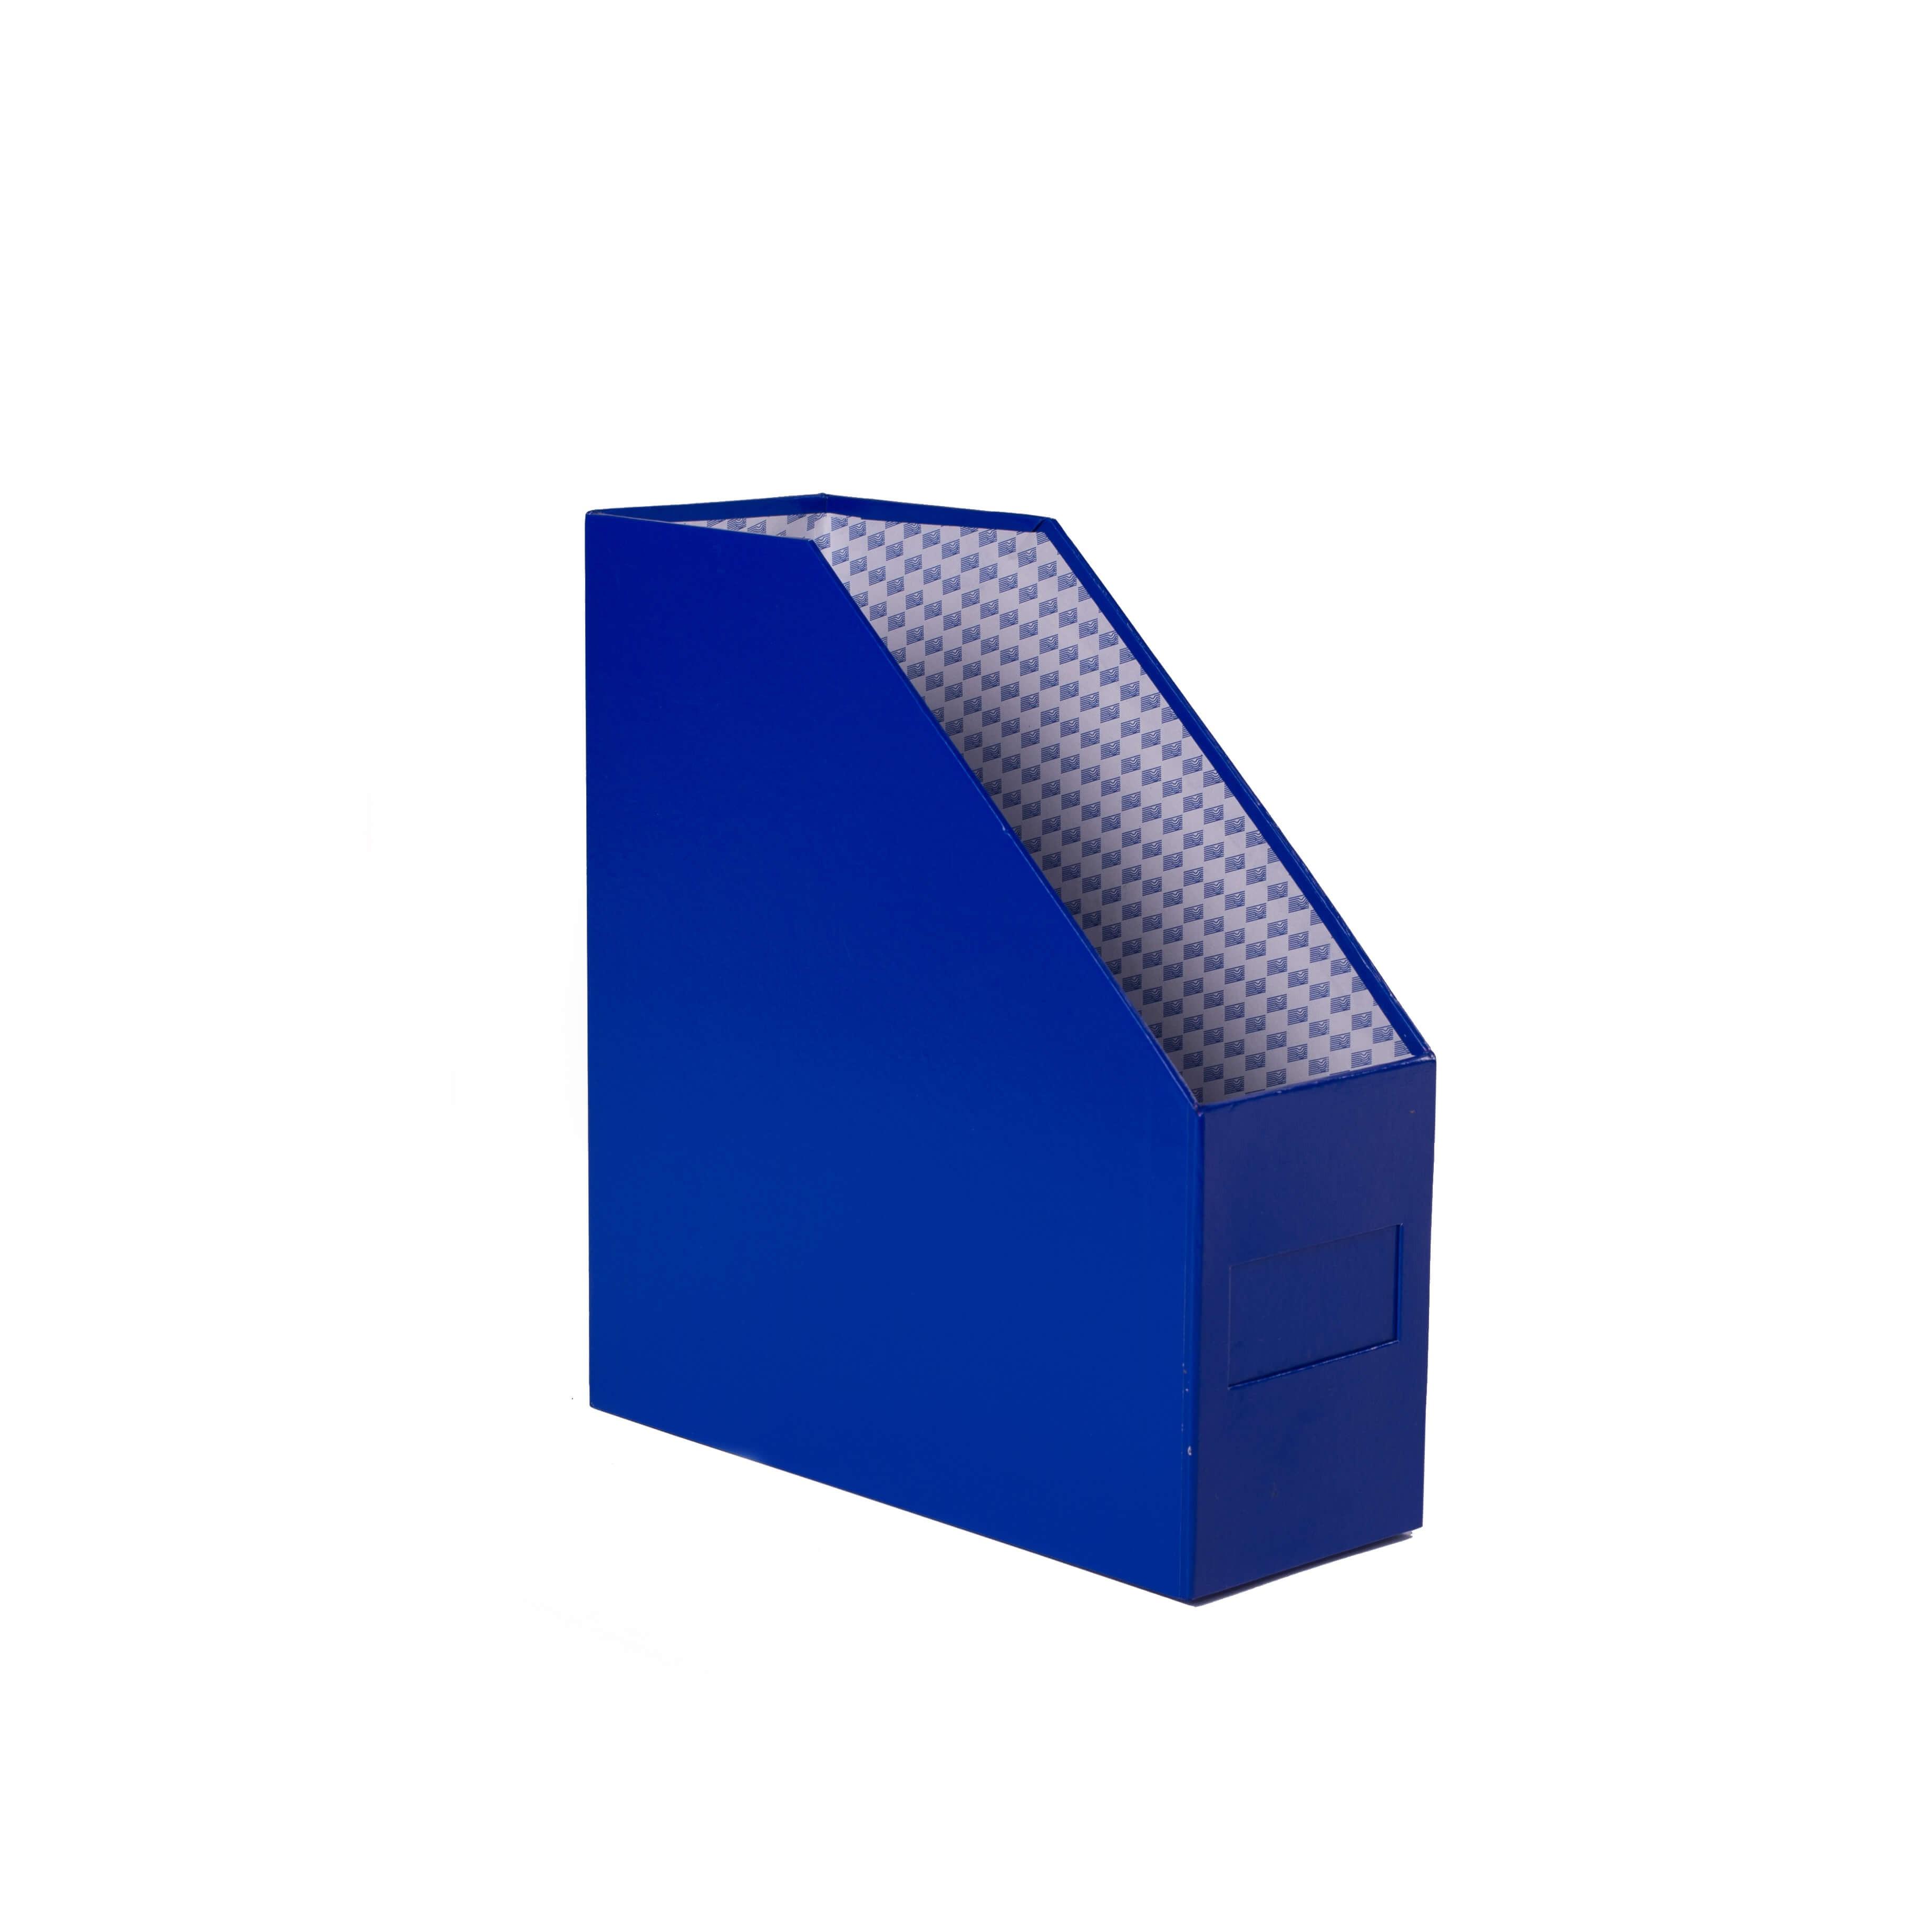 กล่องใส่เอกสาร 1 ช่อง ตรากวาง 4 นิ้ว สีน้ำเงิน